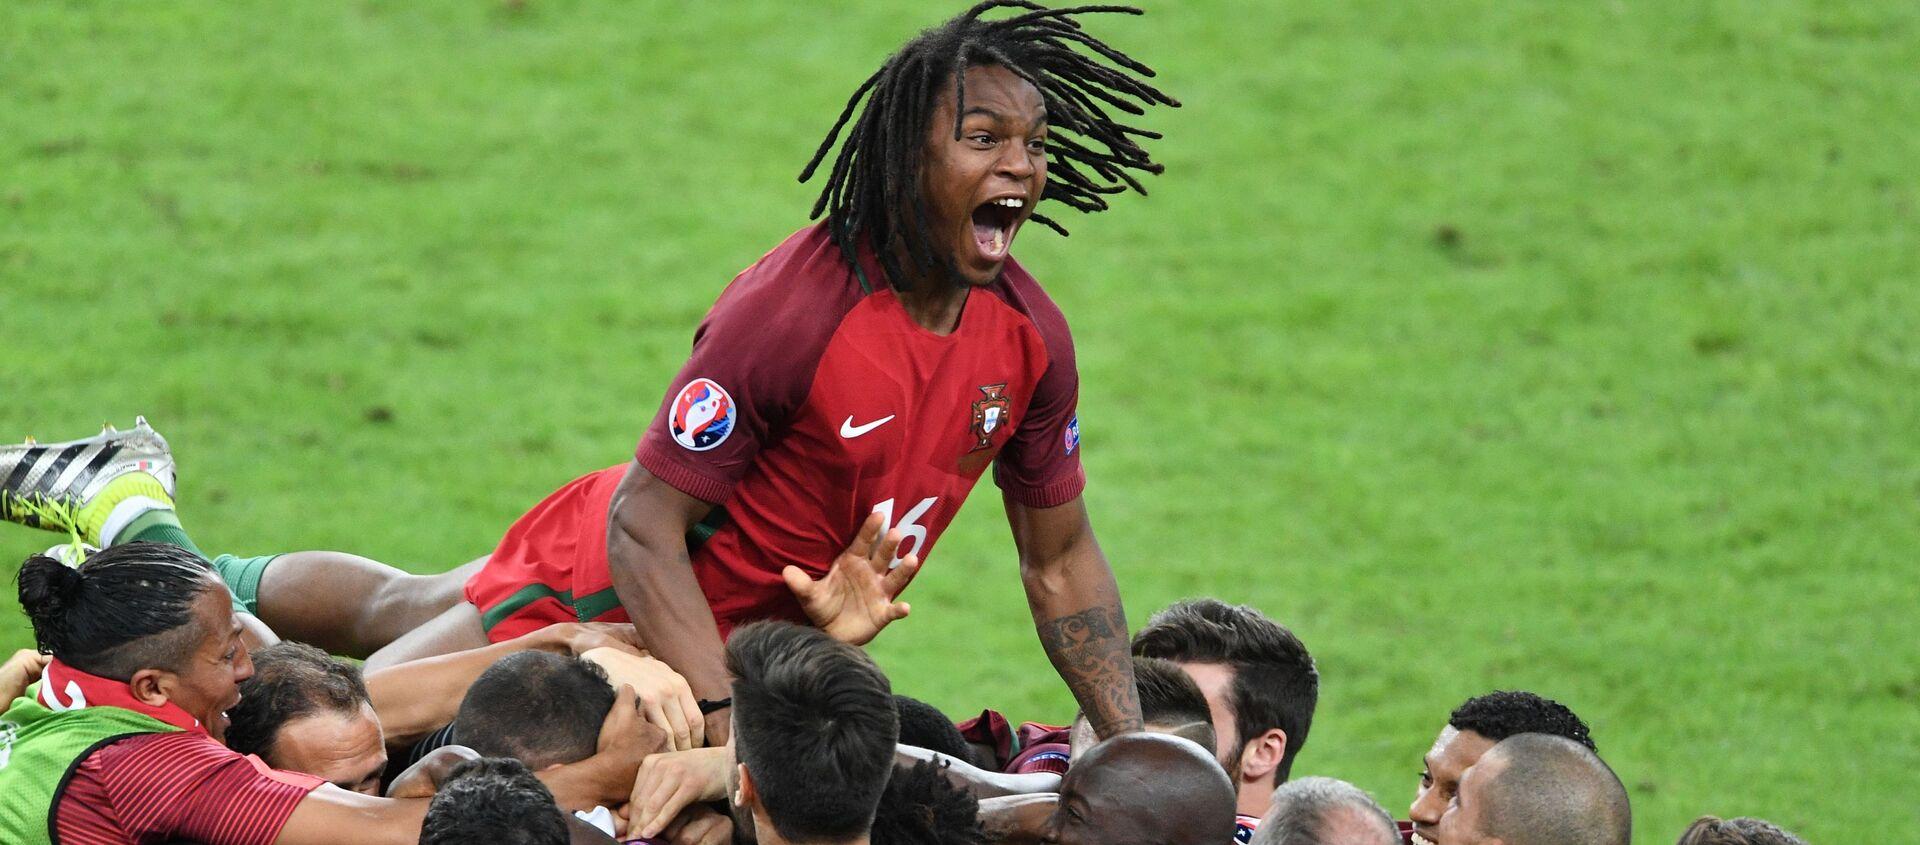 Các cầu thủ Bồ Đào Nha vui sướng sau bàn thắng mà họ ghi được trong trận chung kết Giải vô địch bóng đá châu Âu UEFA 2016 giữa đội tuyển quốc gia Bồ Đào Nha và Pháp. Phía trên là cầu thủ đội tuyển quốc gia Bồ Đào Nha Renato Sanches - Sputnik Việt Nam, 1920, 09.06.2021